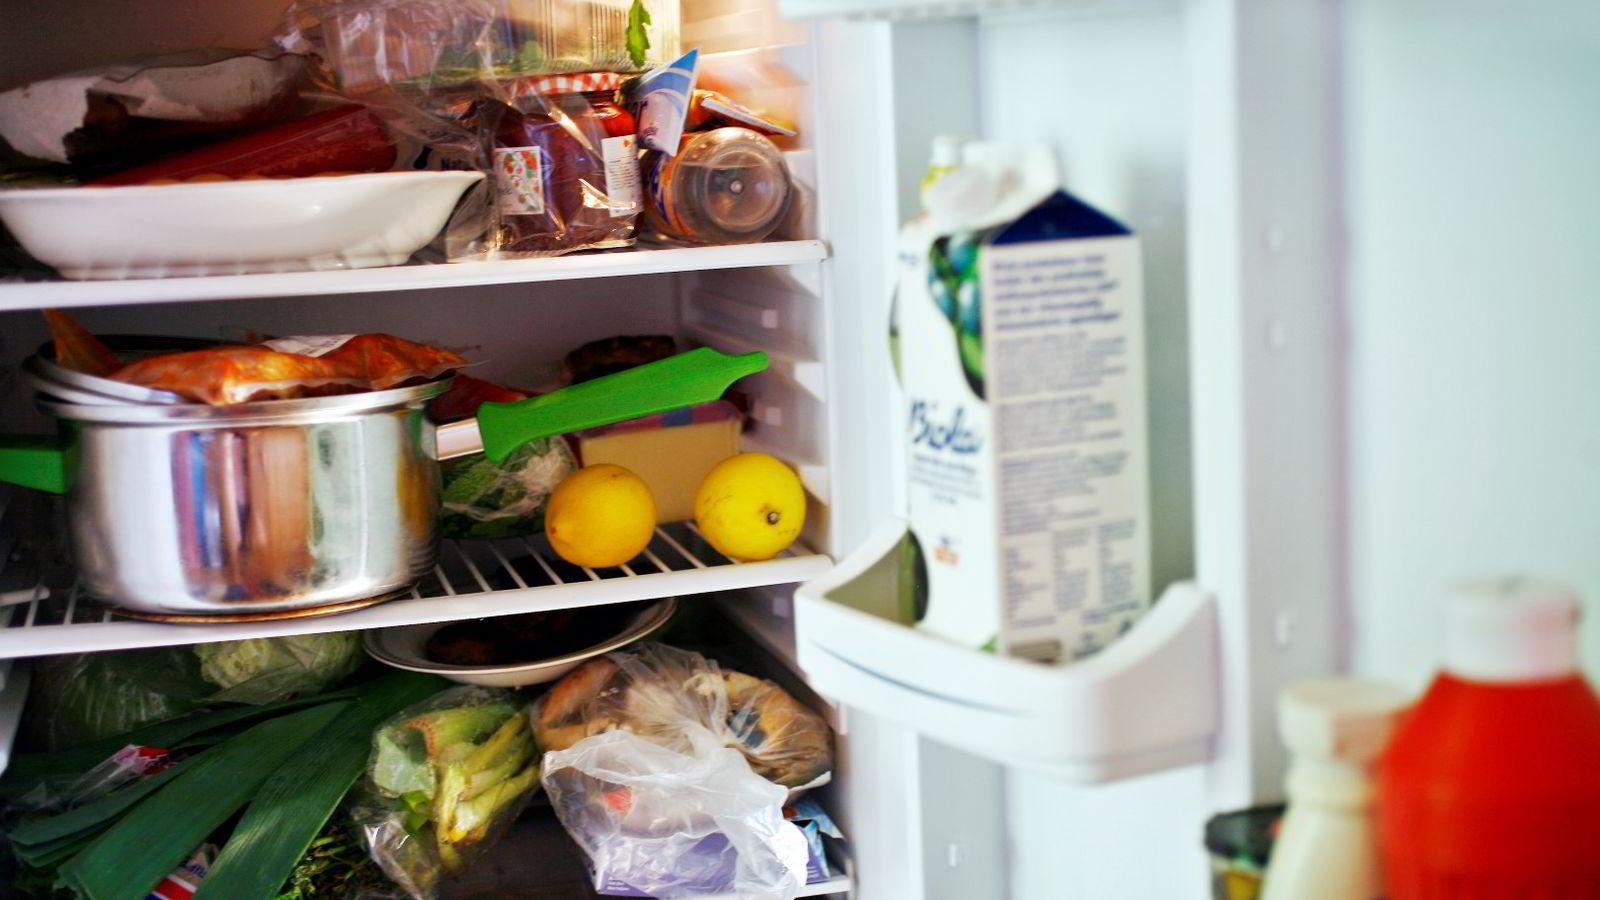 Levering av mat helt hjem i kjøleskapet kan bli en realitet om Telenor og Kolonial.no lykkes med sitt testprosjekt. Foto: Sara Johannessen /